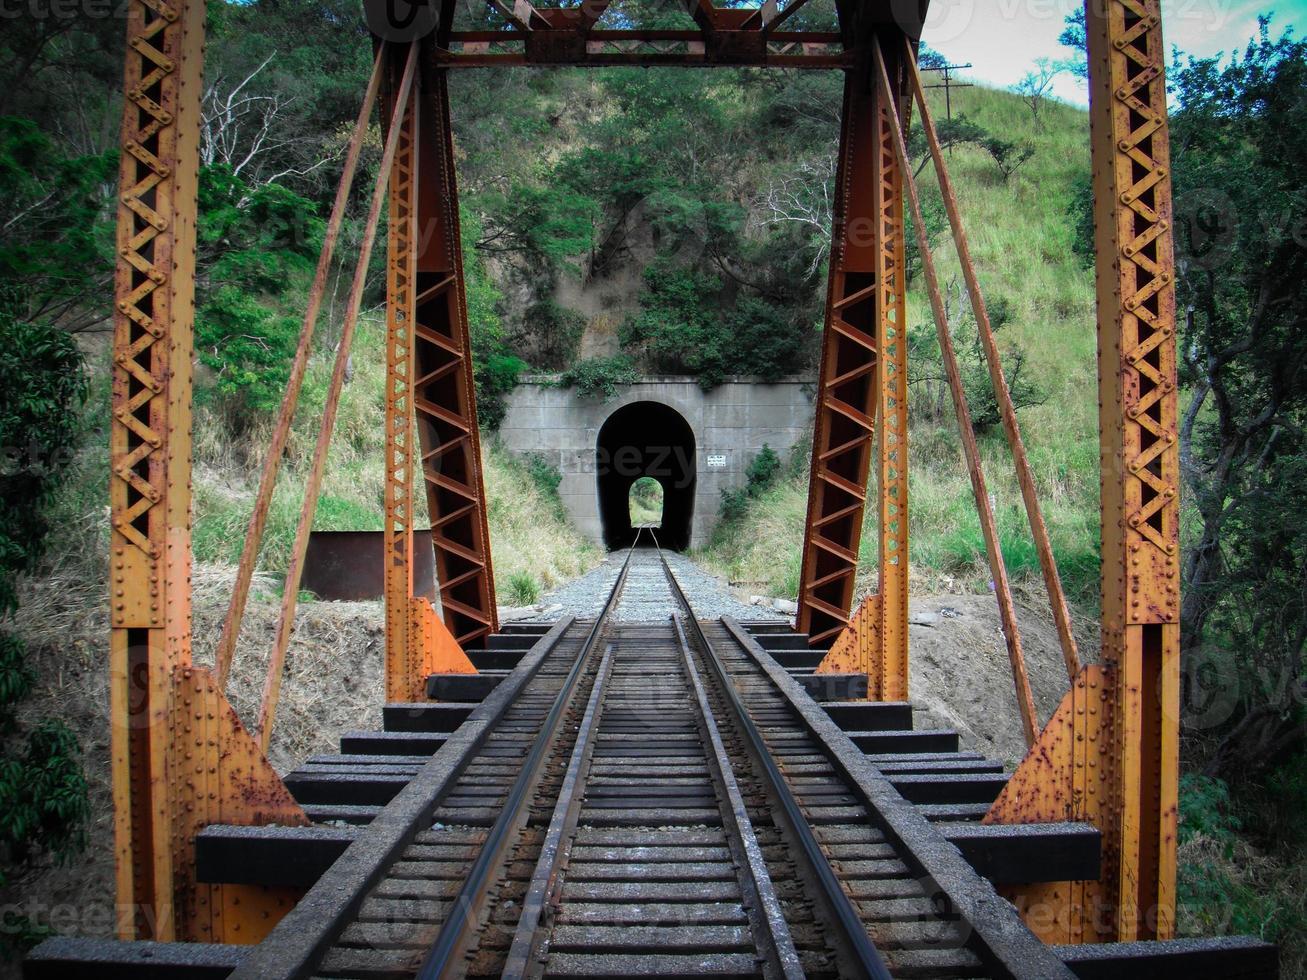 tunnel i slutet av bron foto